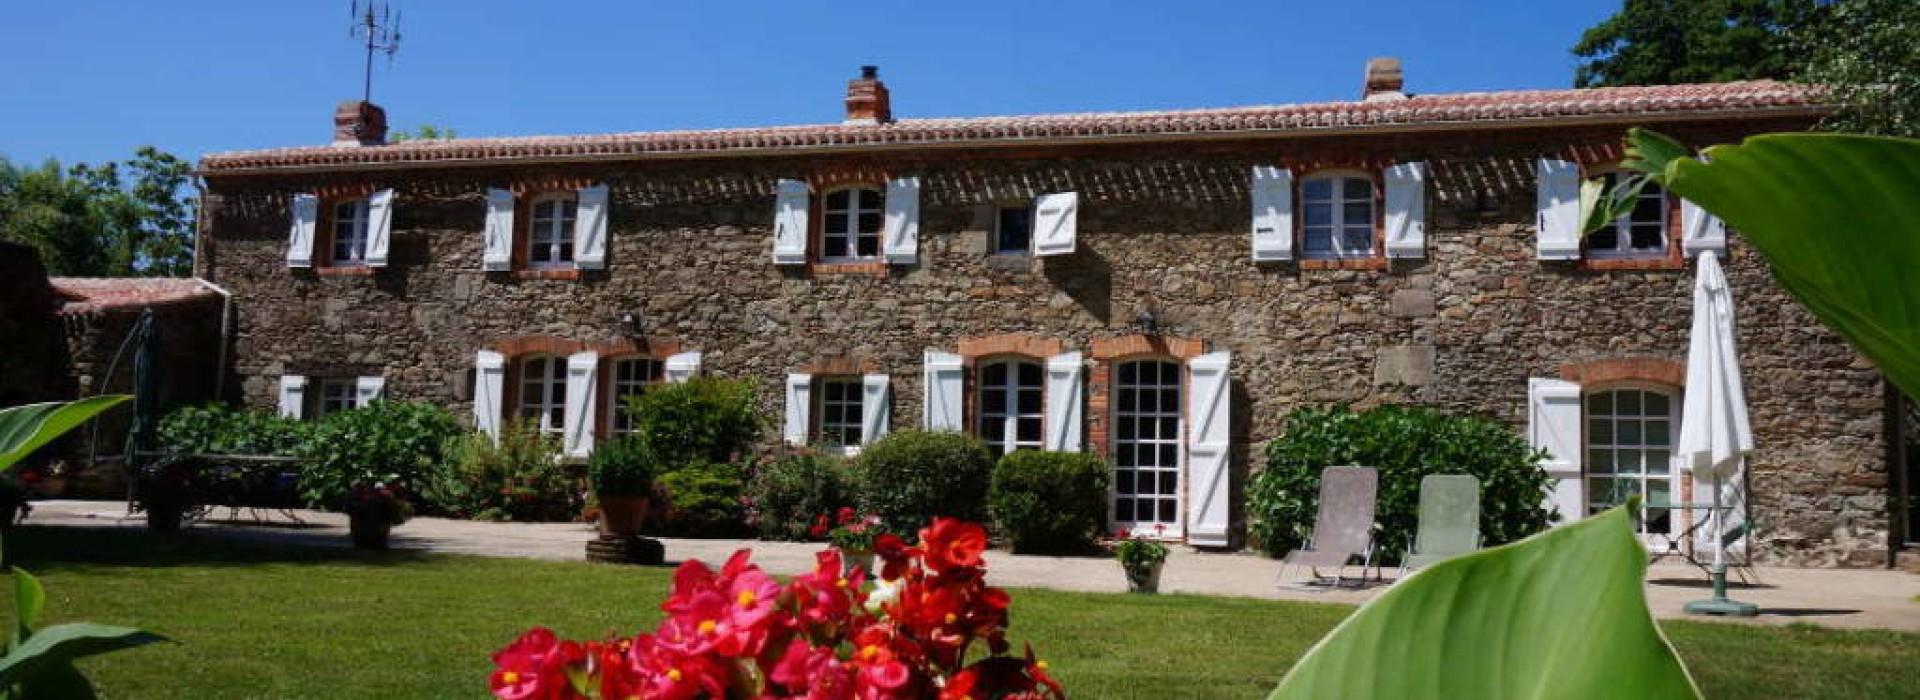 Chambre d 39 hotes la mozardiere g stezimmer frankreich for Chambre d hote xanton chassenon